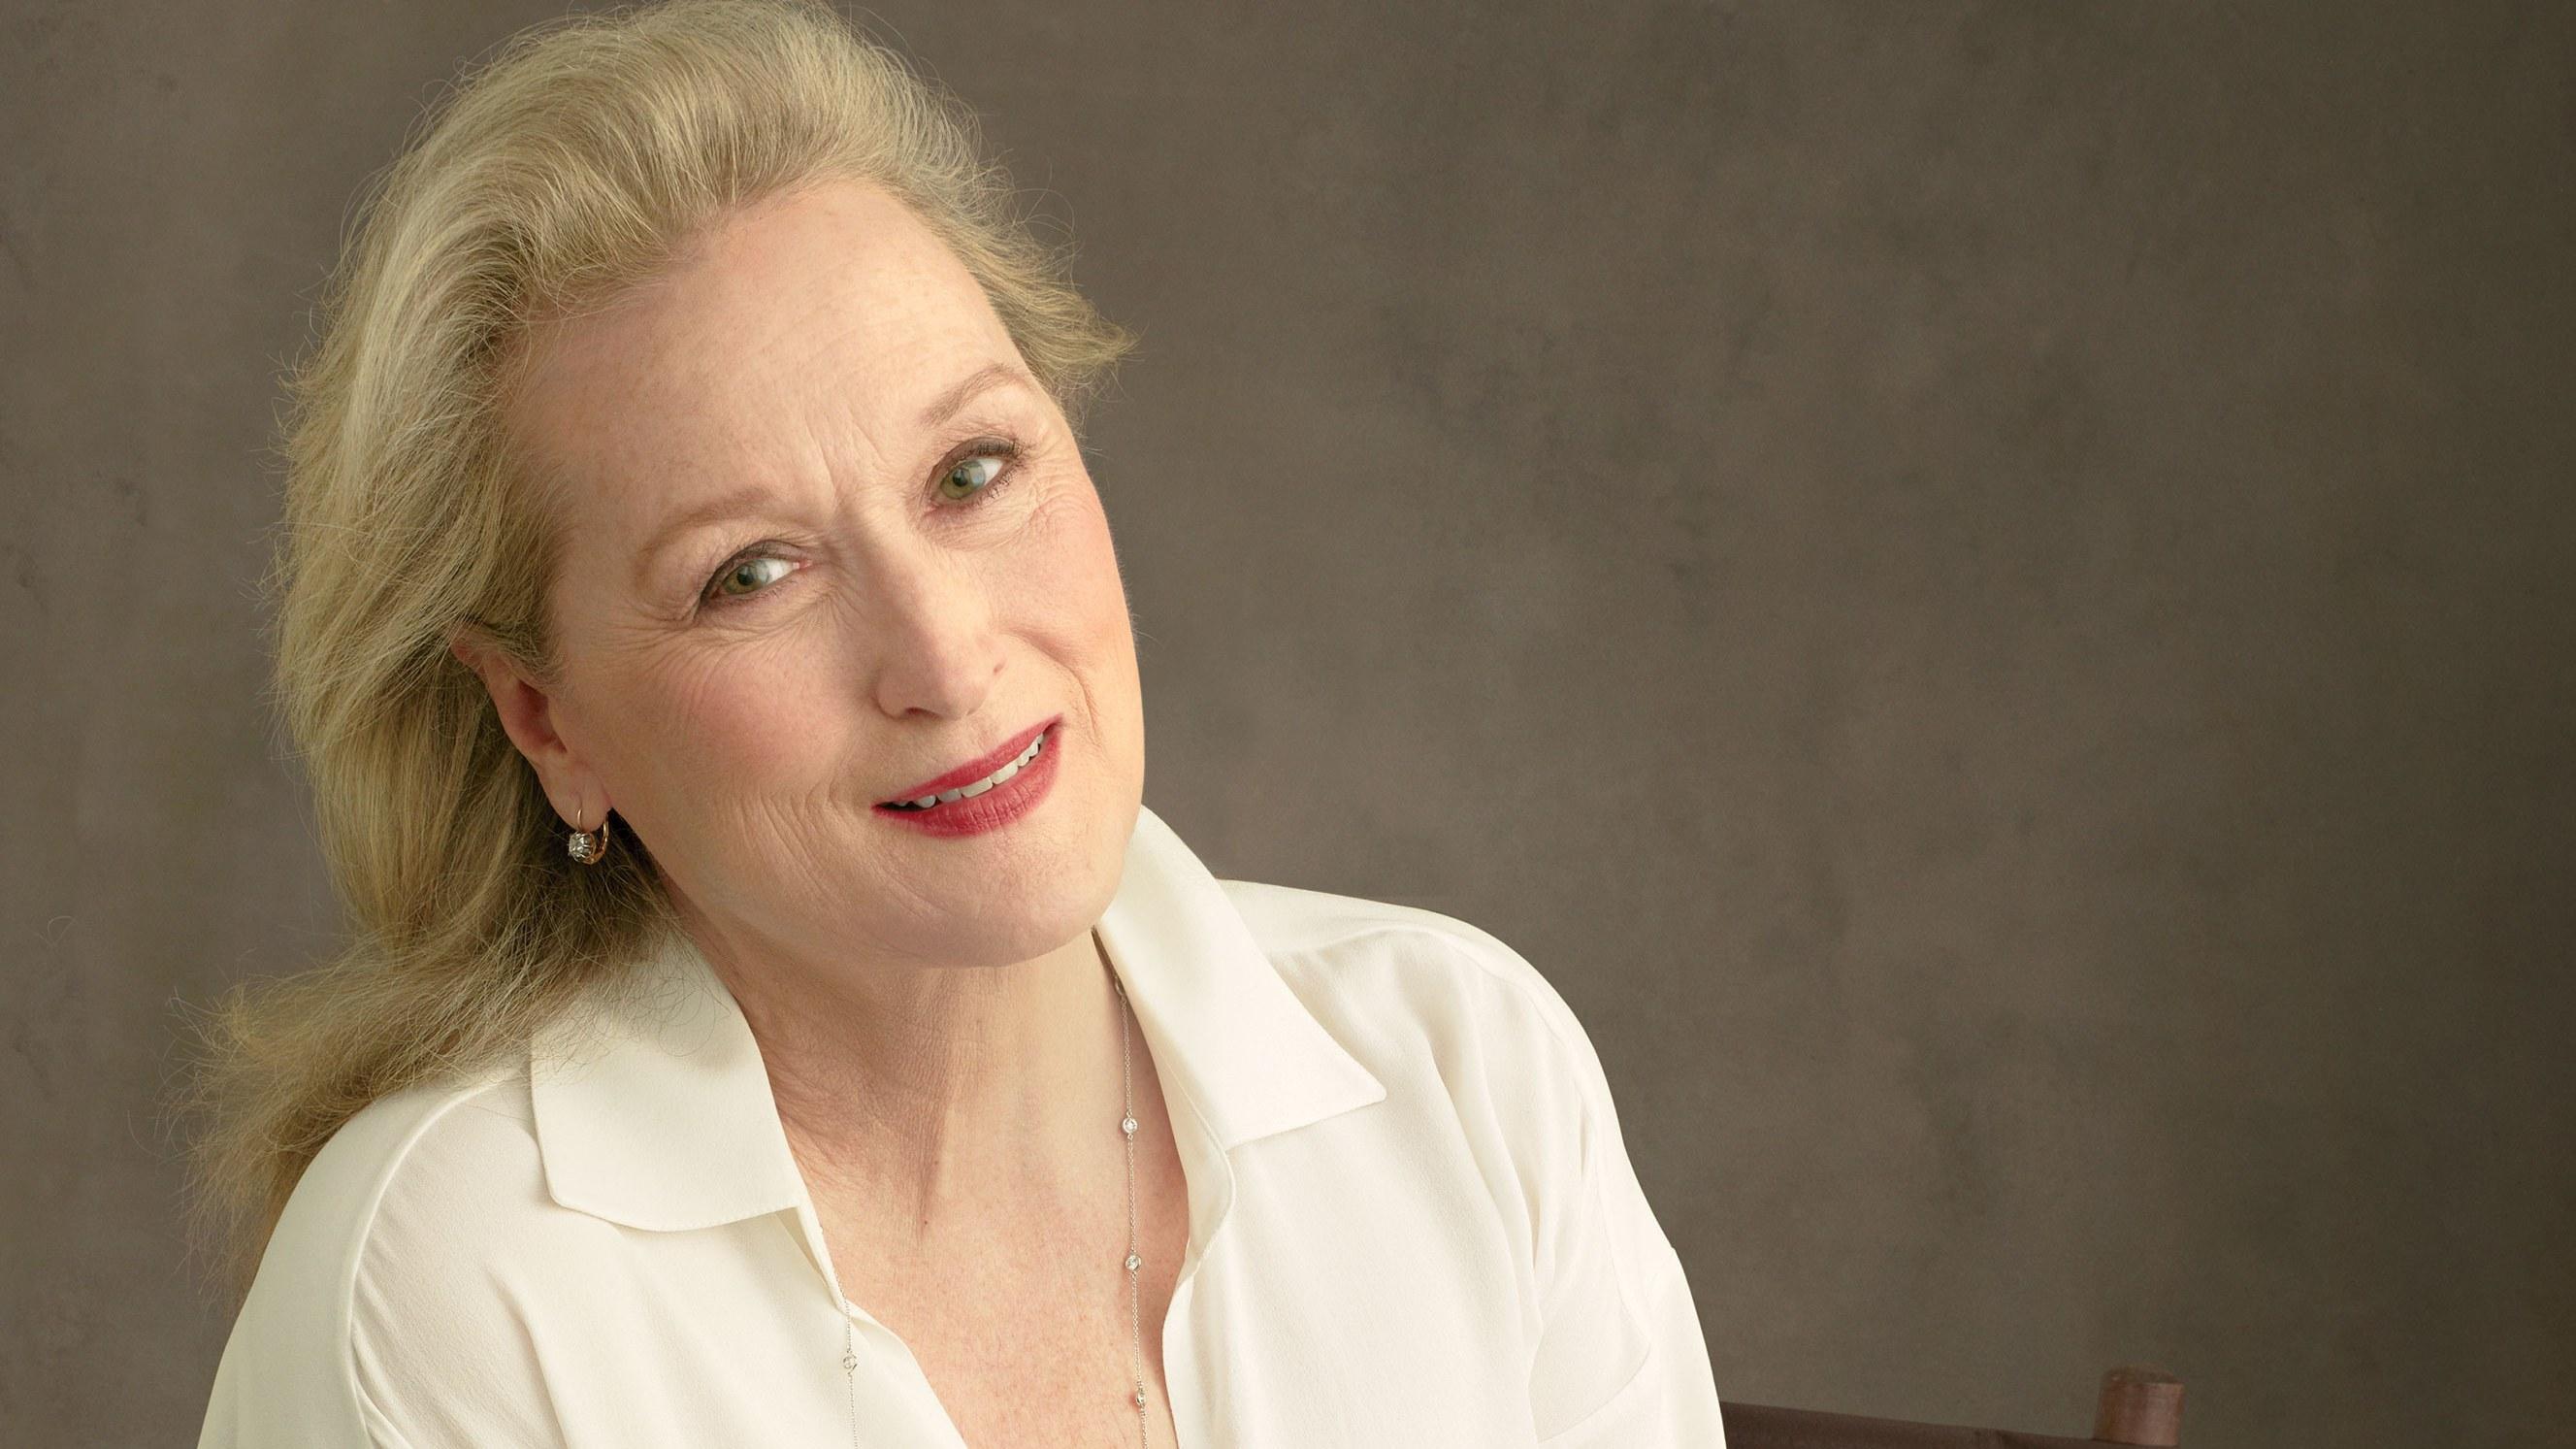 Η Meryl Streep έσπασε την σιωπή της για τις σεξουαλικές παρενοχλήσεις στο Hollywood | tlife.gr